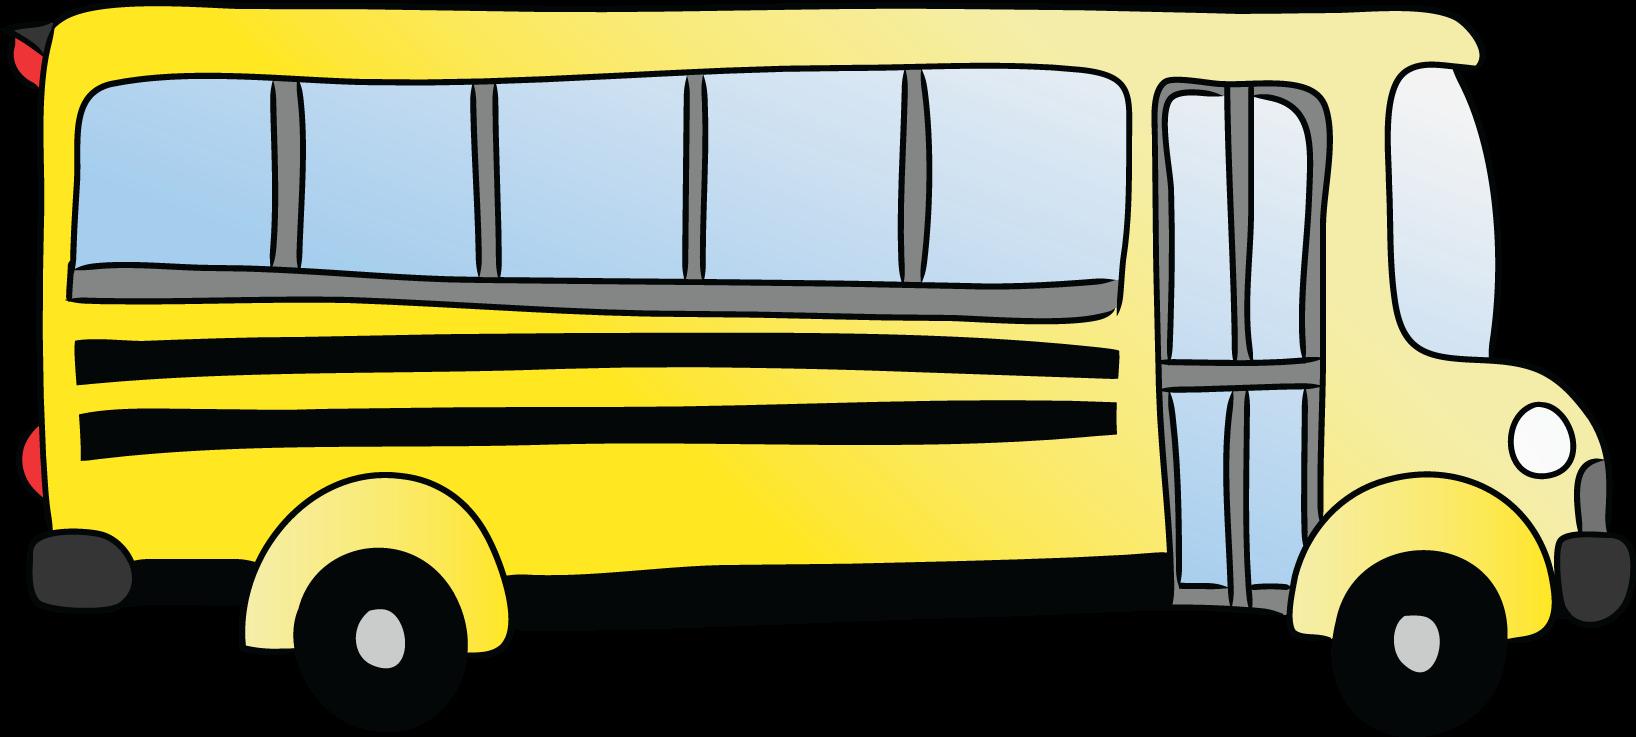 School bus clip art 2